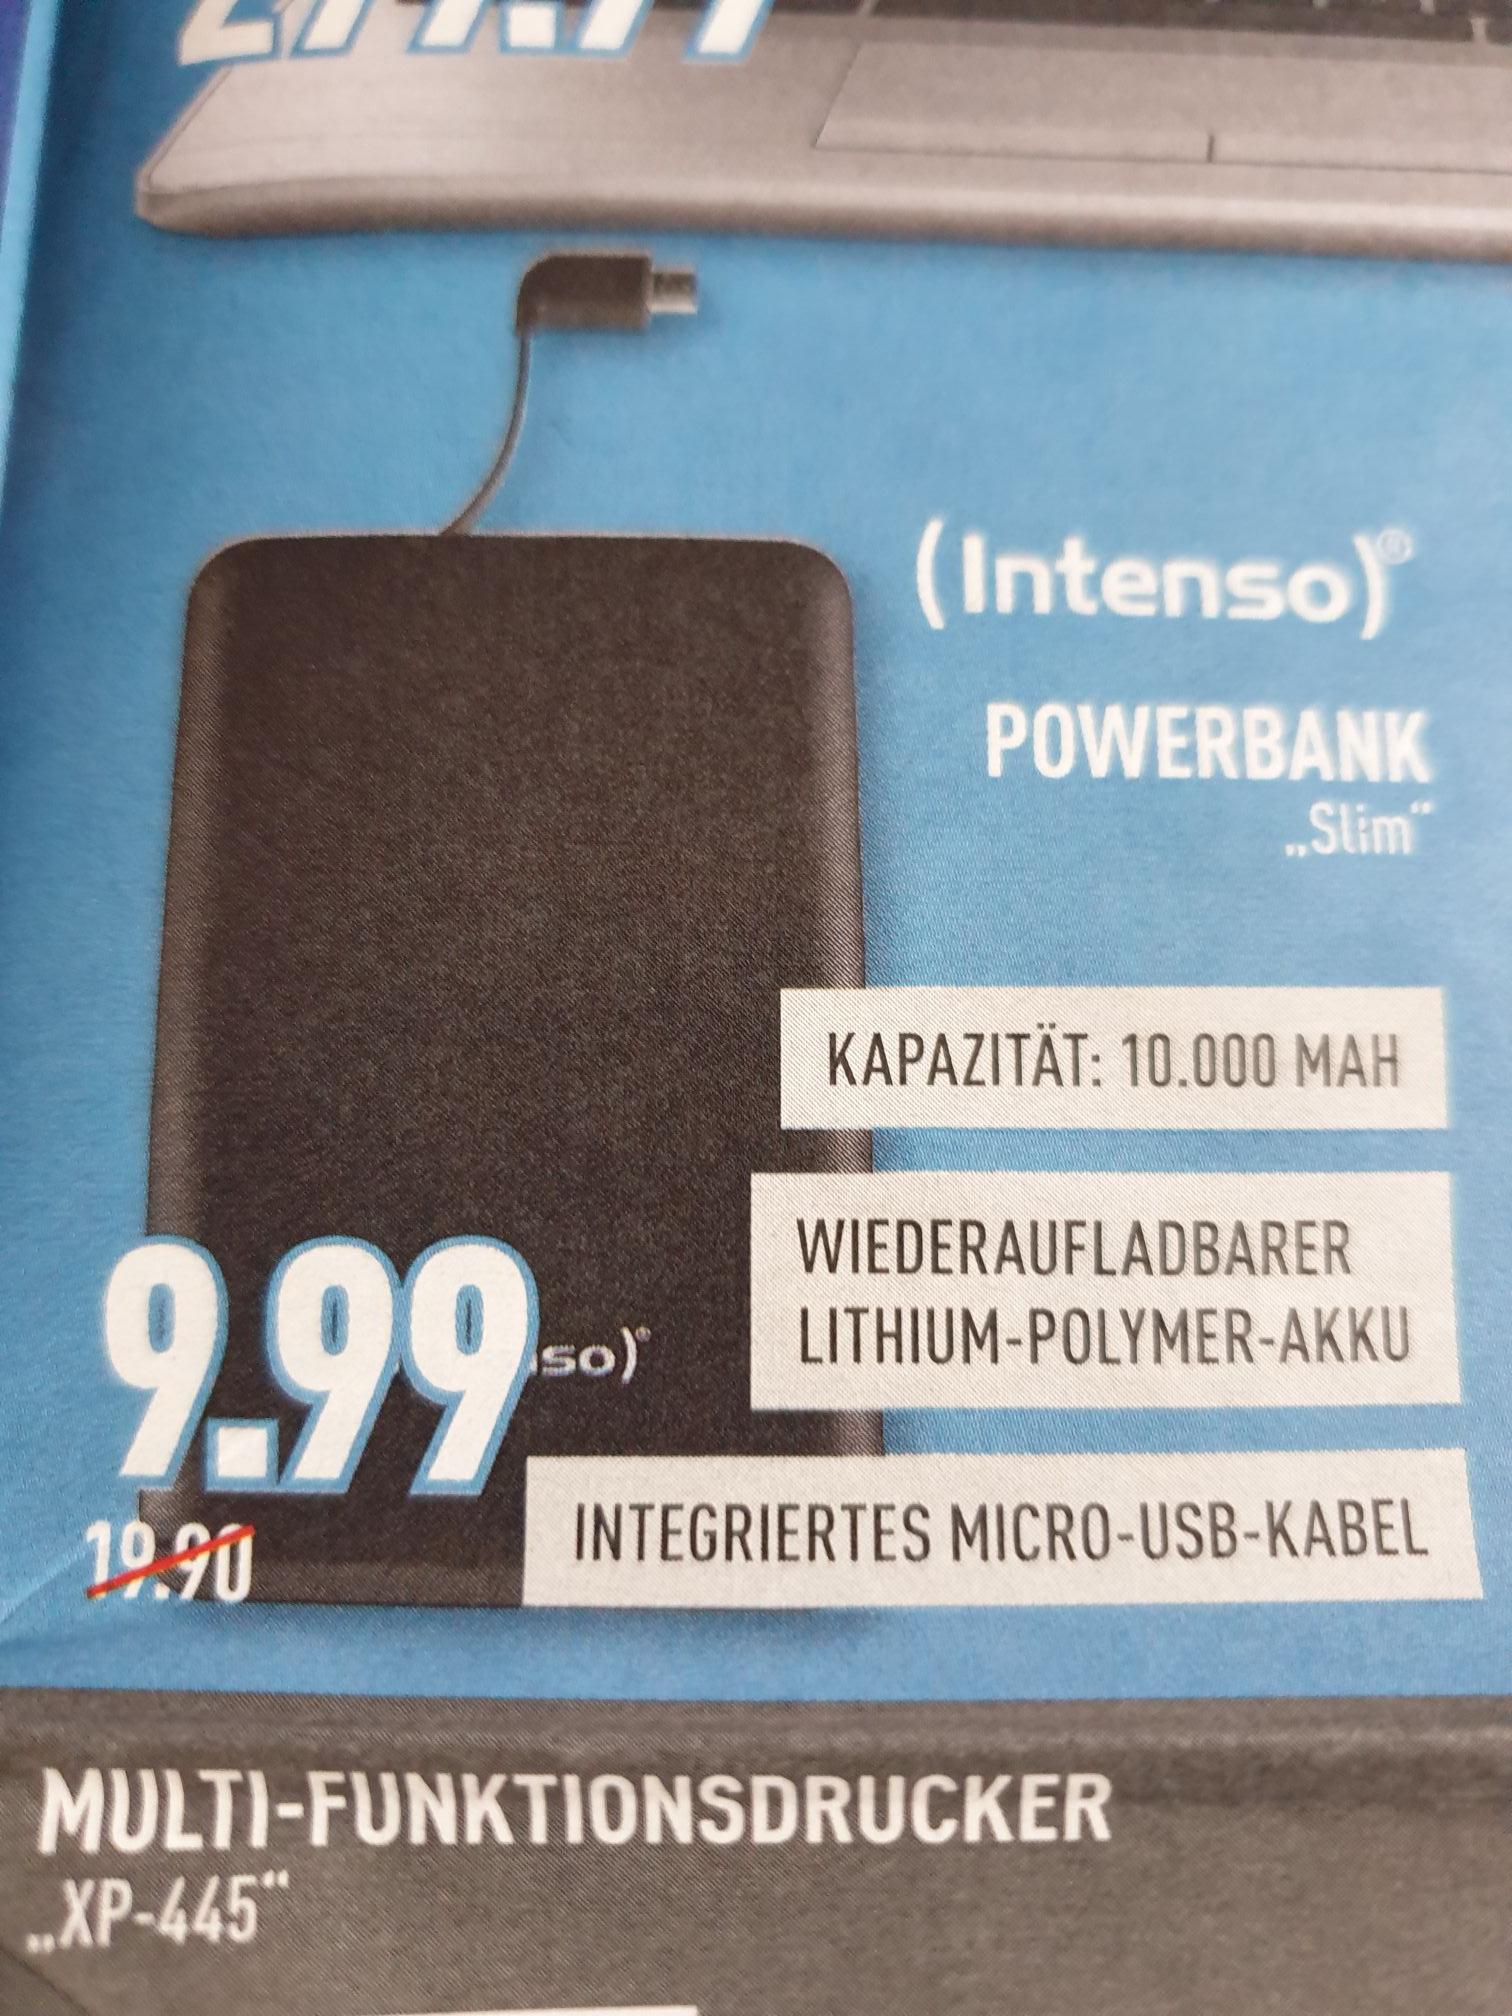 (Marktkauf) Intenso Powerbank Slim 10.000 mAH für 9,99€ (wahrscheinlich lokal  nrw)